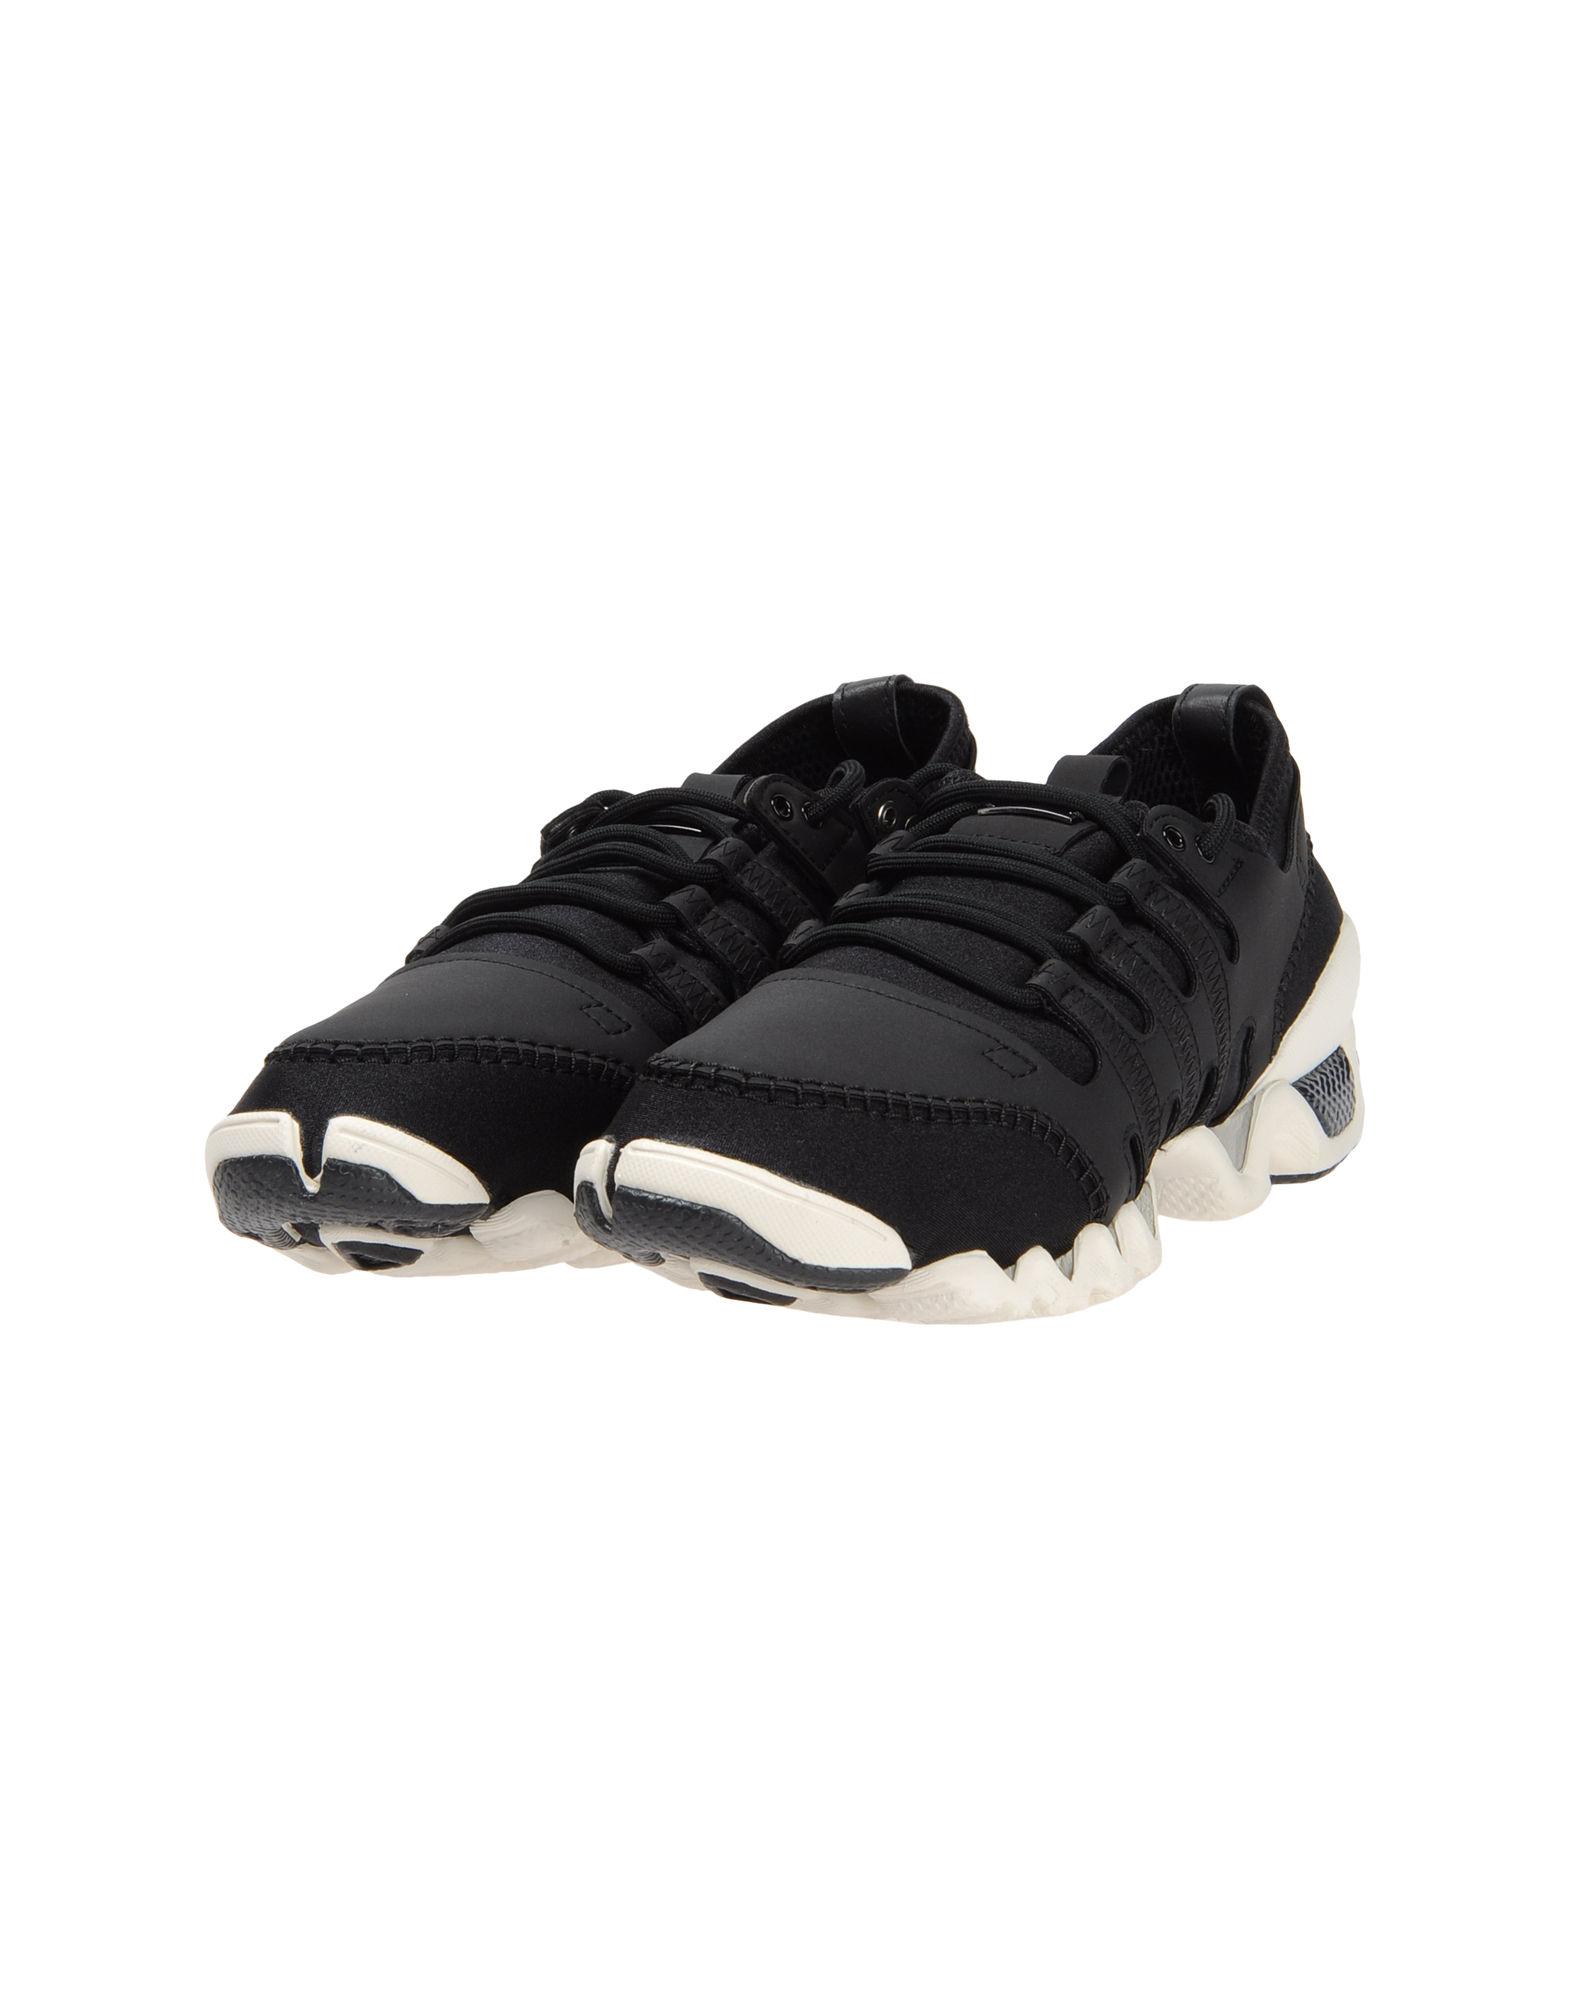 Adidas SLVR Sneakers in Black